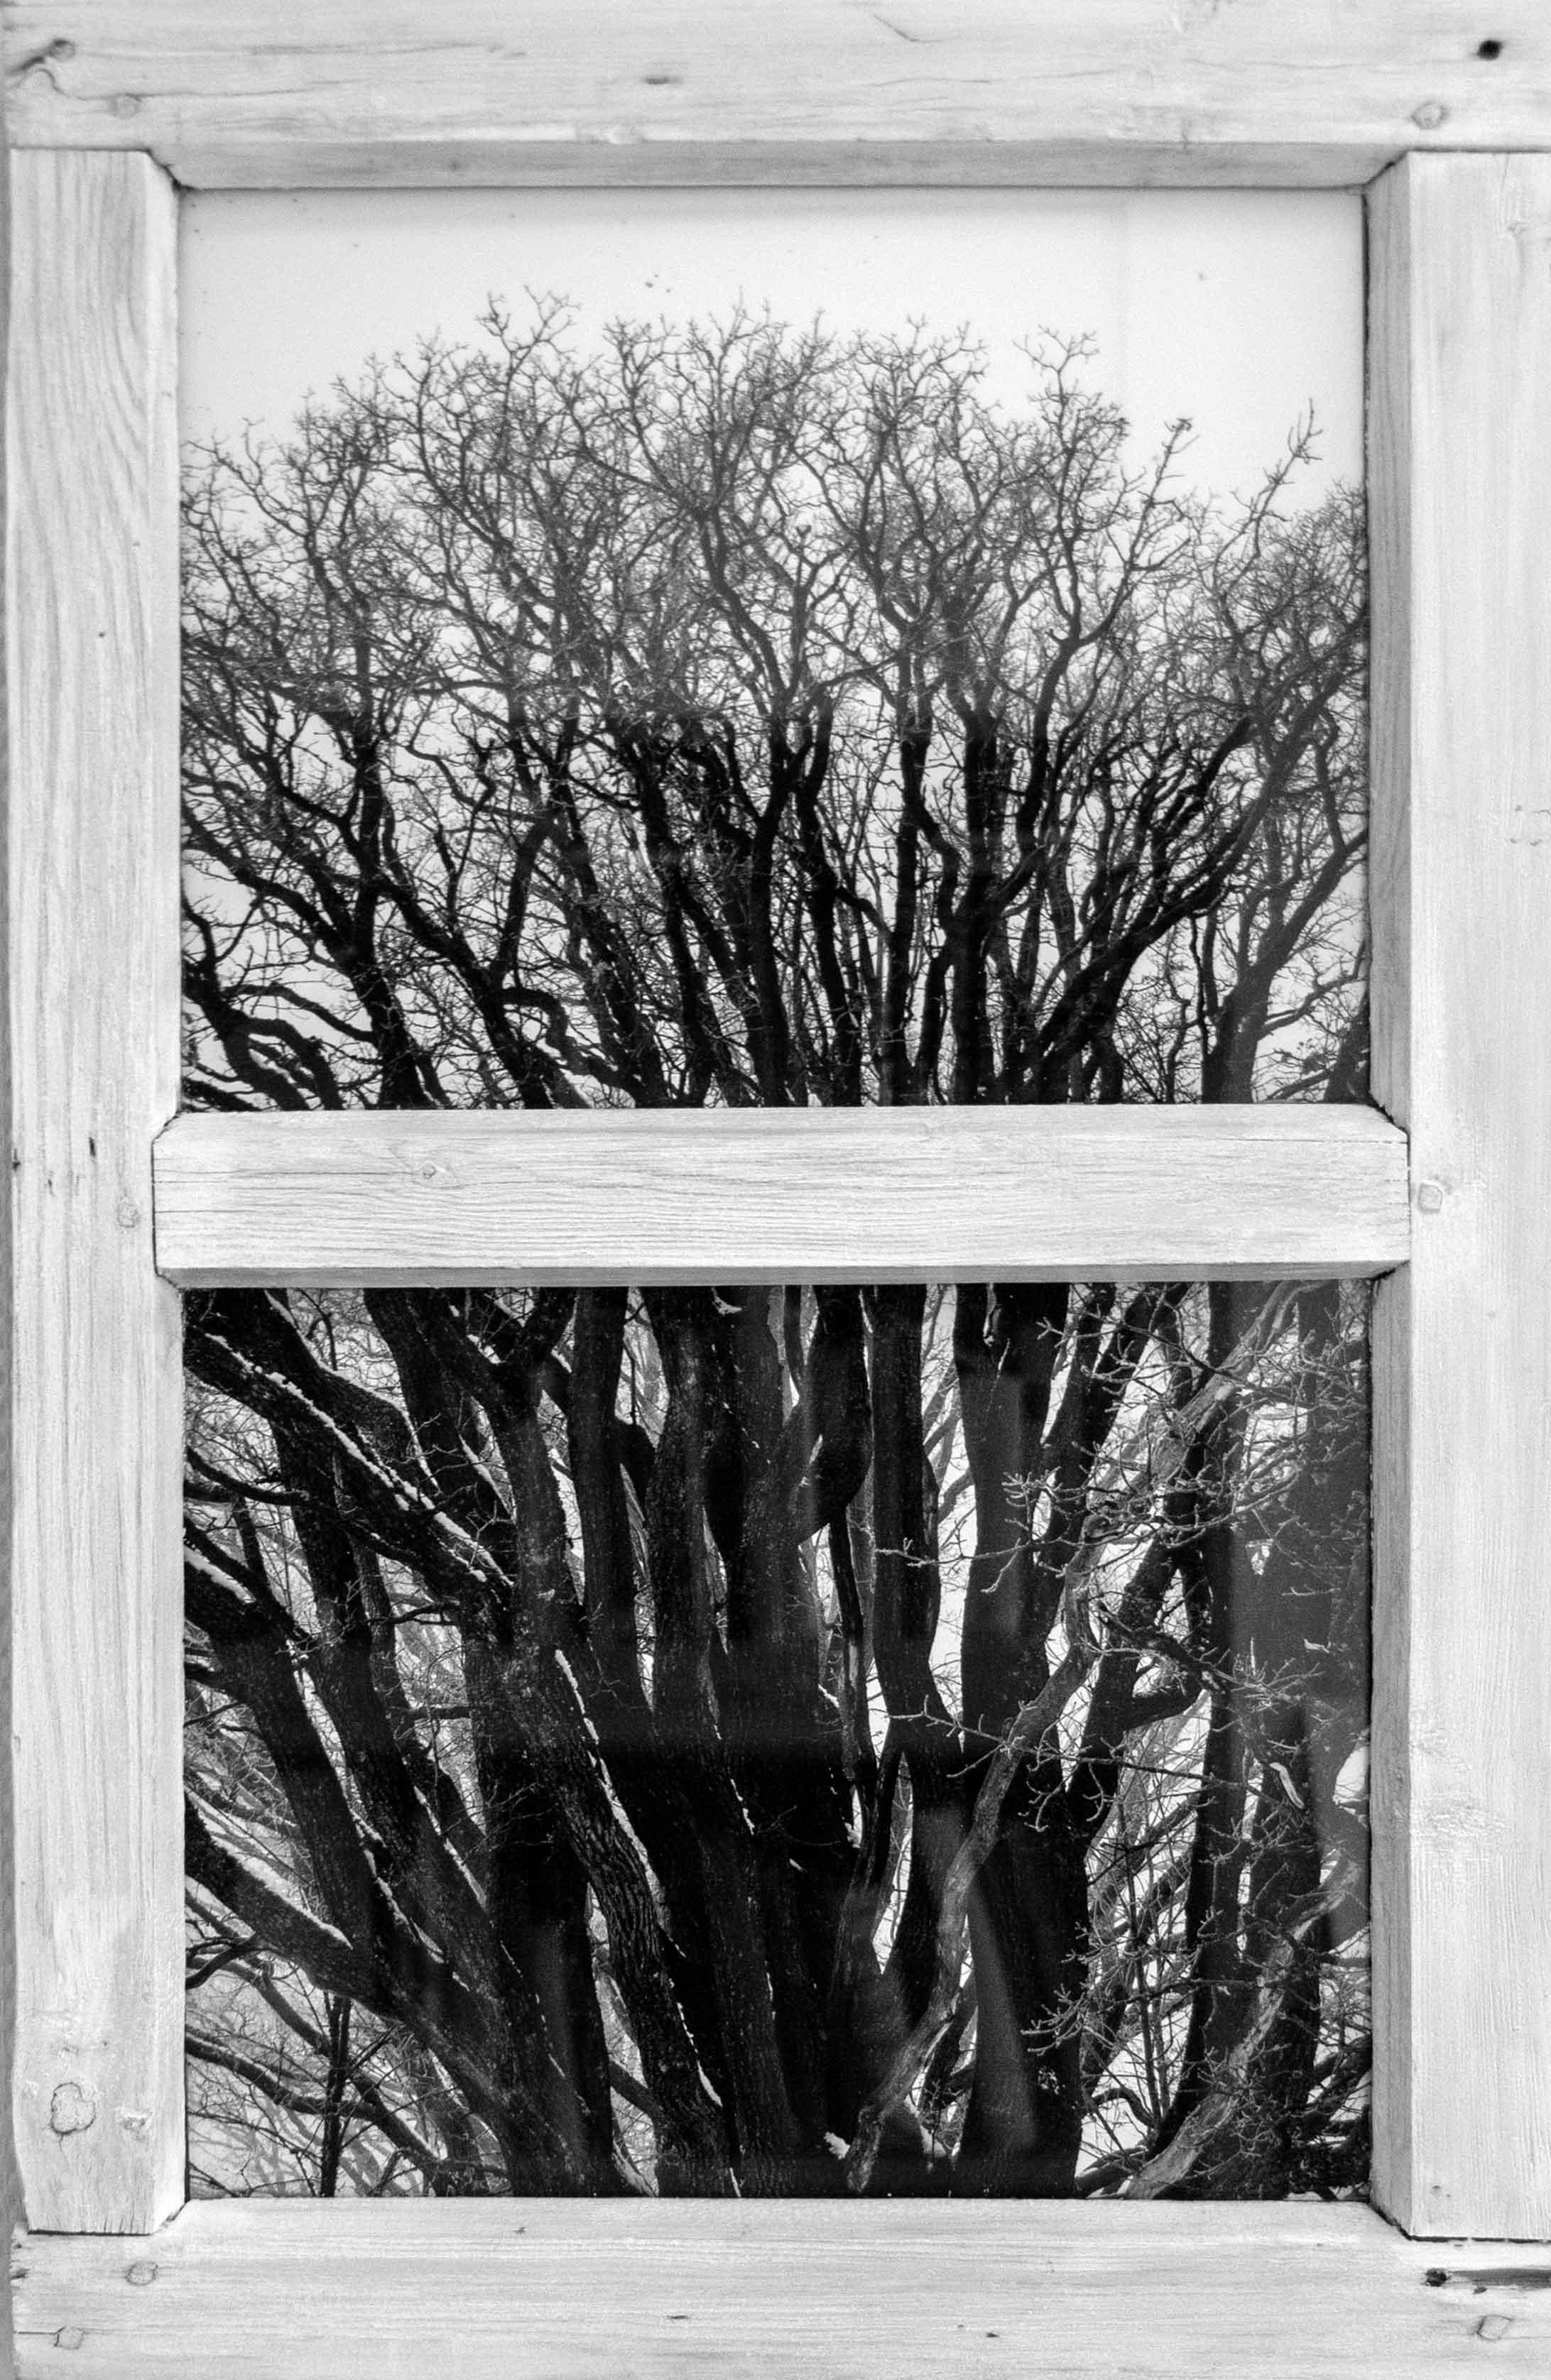 Maisemia Taideolohuoneessa 2019, Vanha puu ikkunassa 2